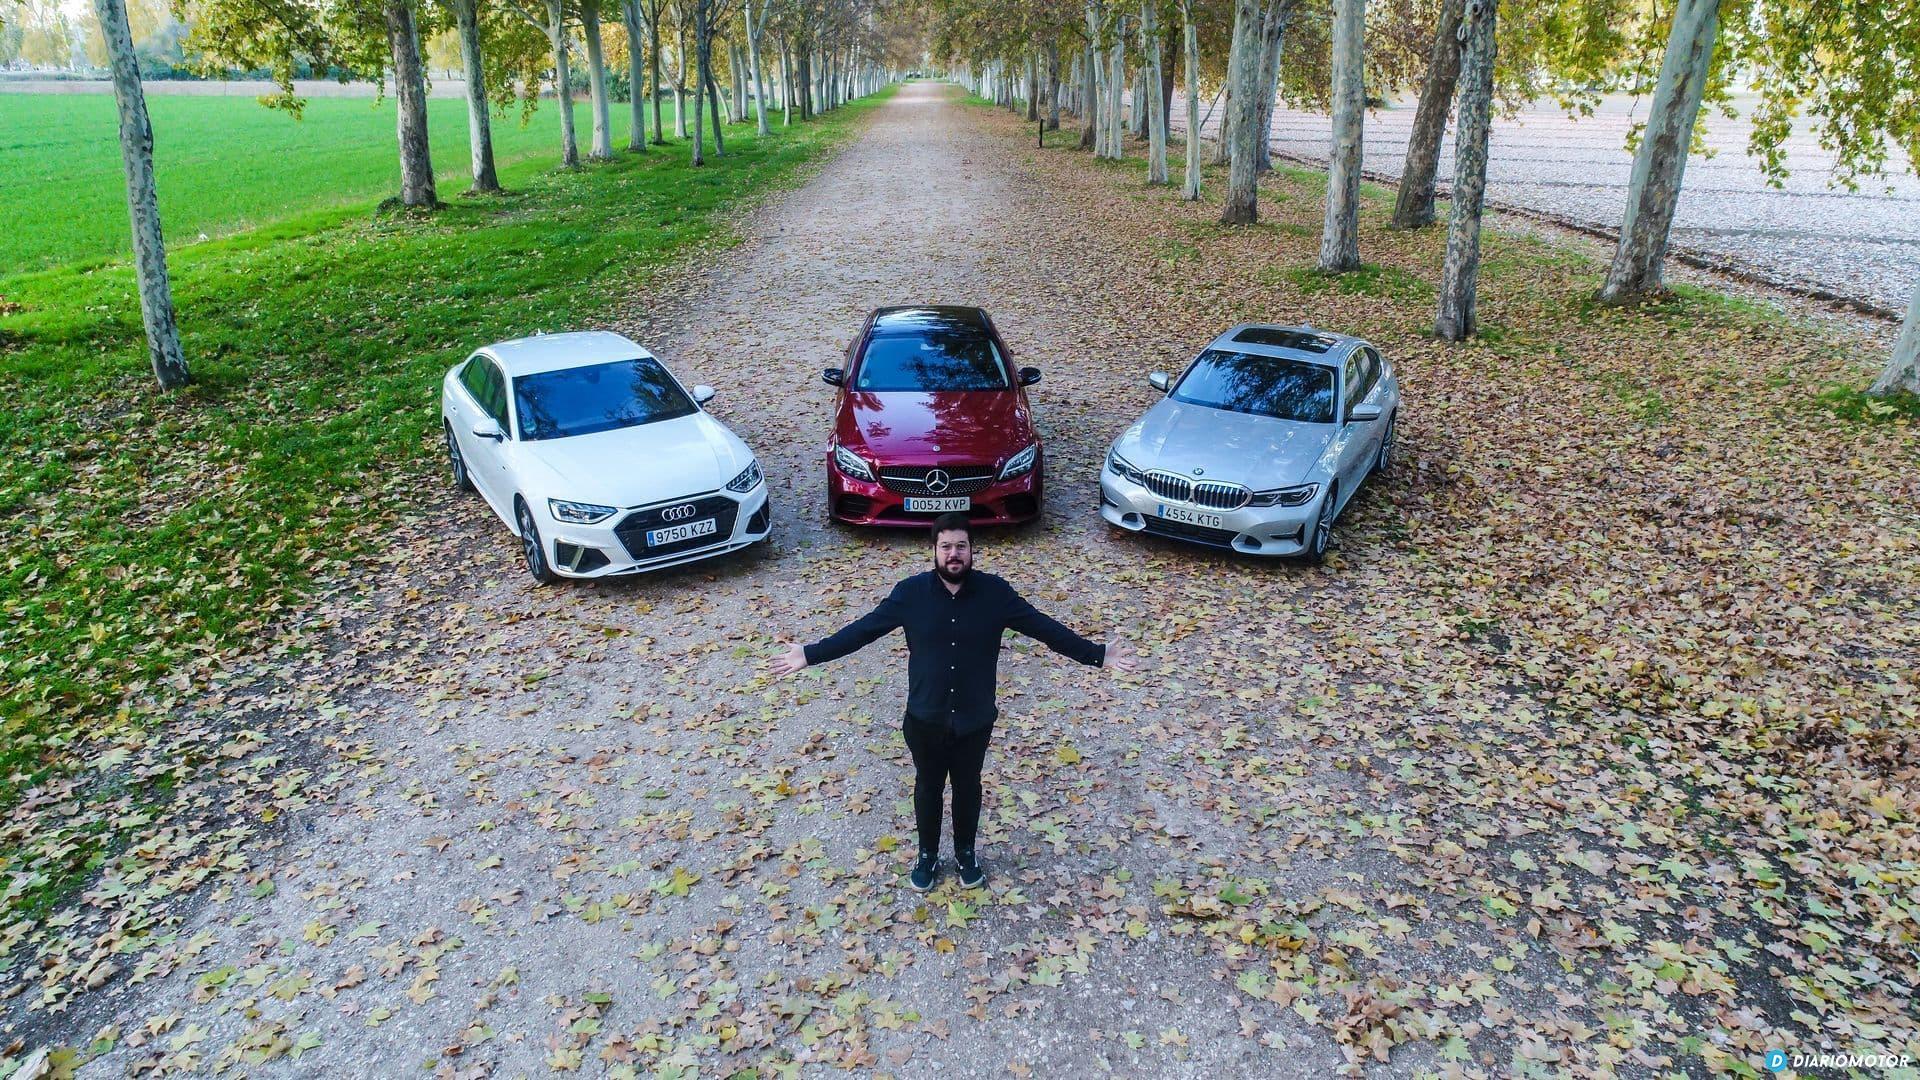 Bmw Serie 3 Vs Audi A4 Vs Mercedes Clase C 2